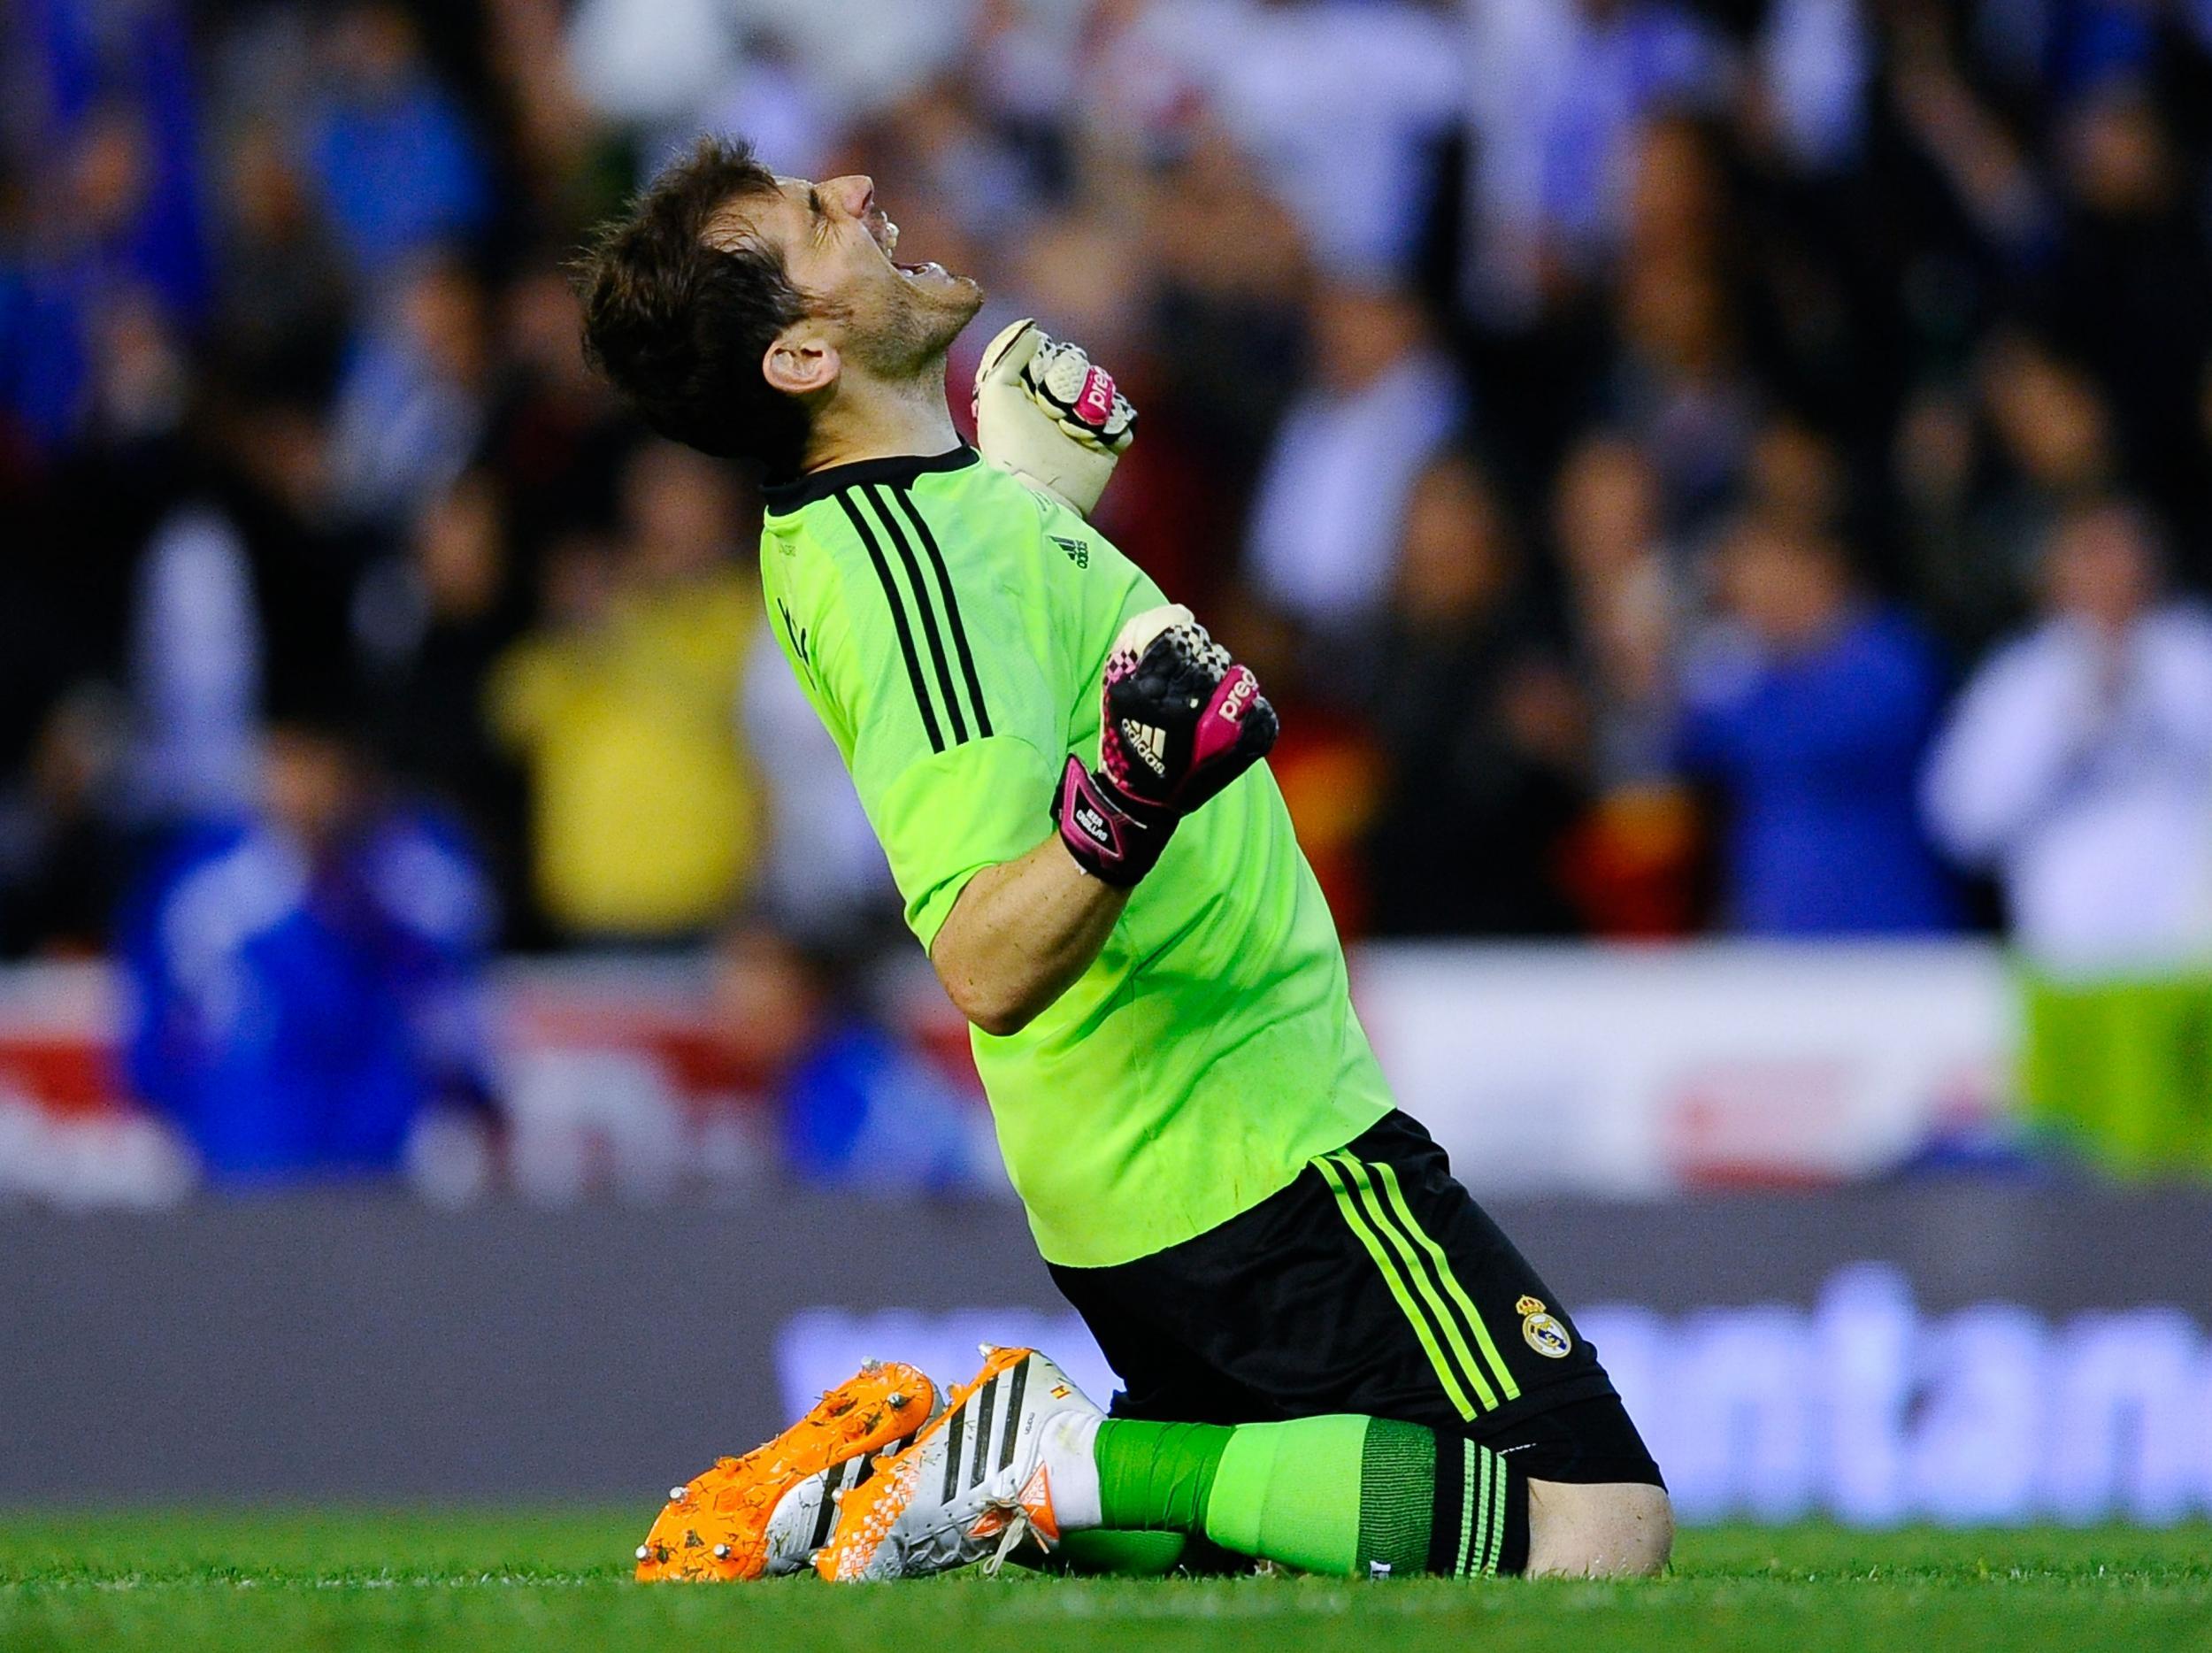 32. Iker Casillas